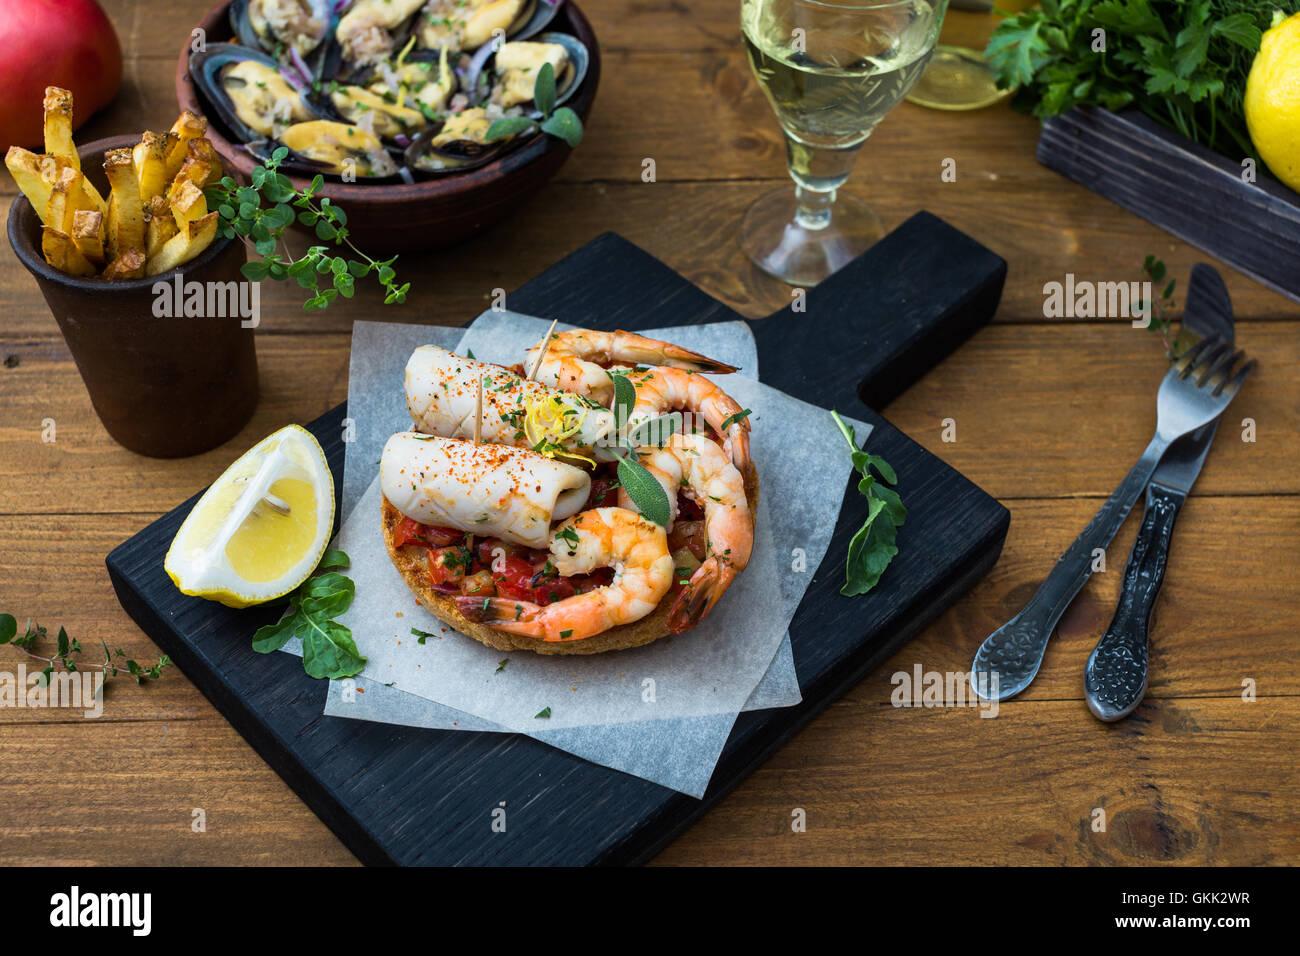 Il cibo italiano. Bruschetta con calamari e scampetti, pomodori e prezzemolo Immagini Stock